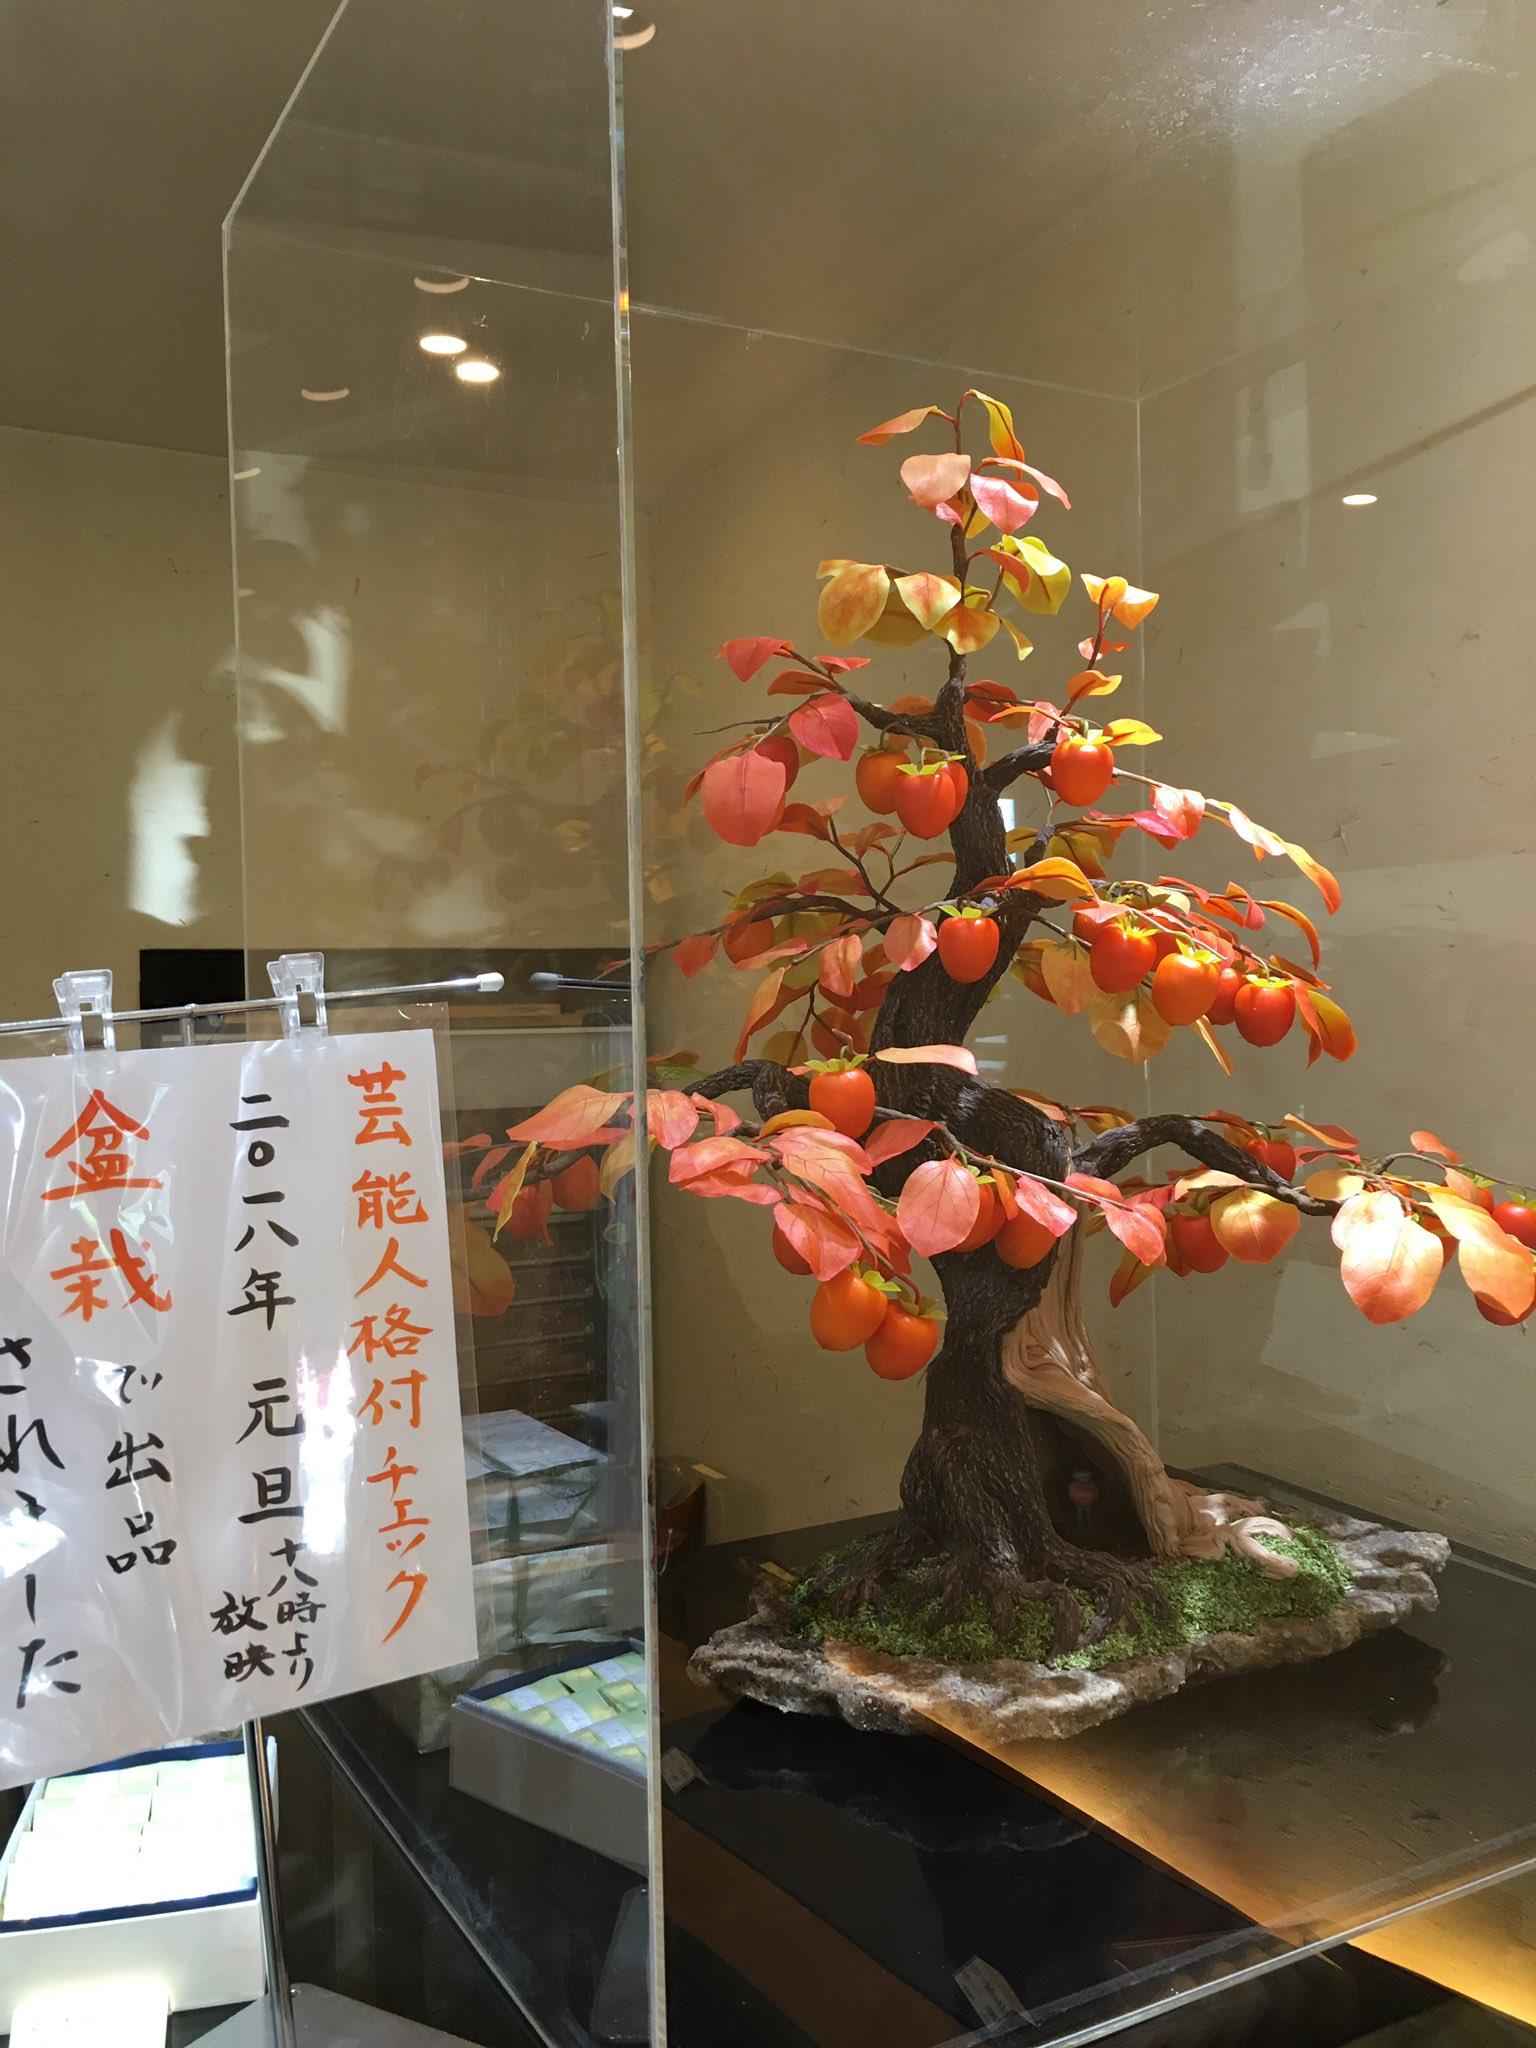 リアルすぎてわからない?この盆栽がお菓子で出来ているという事実www